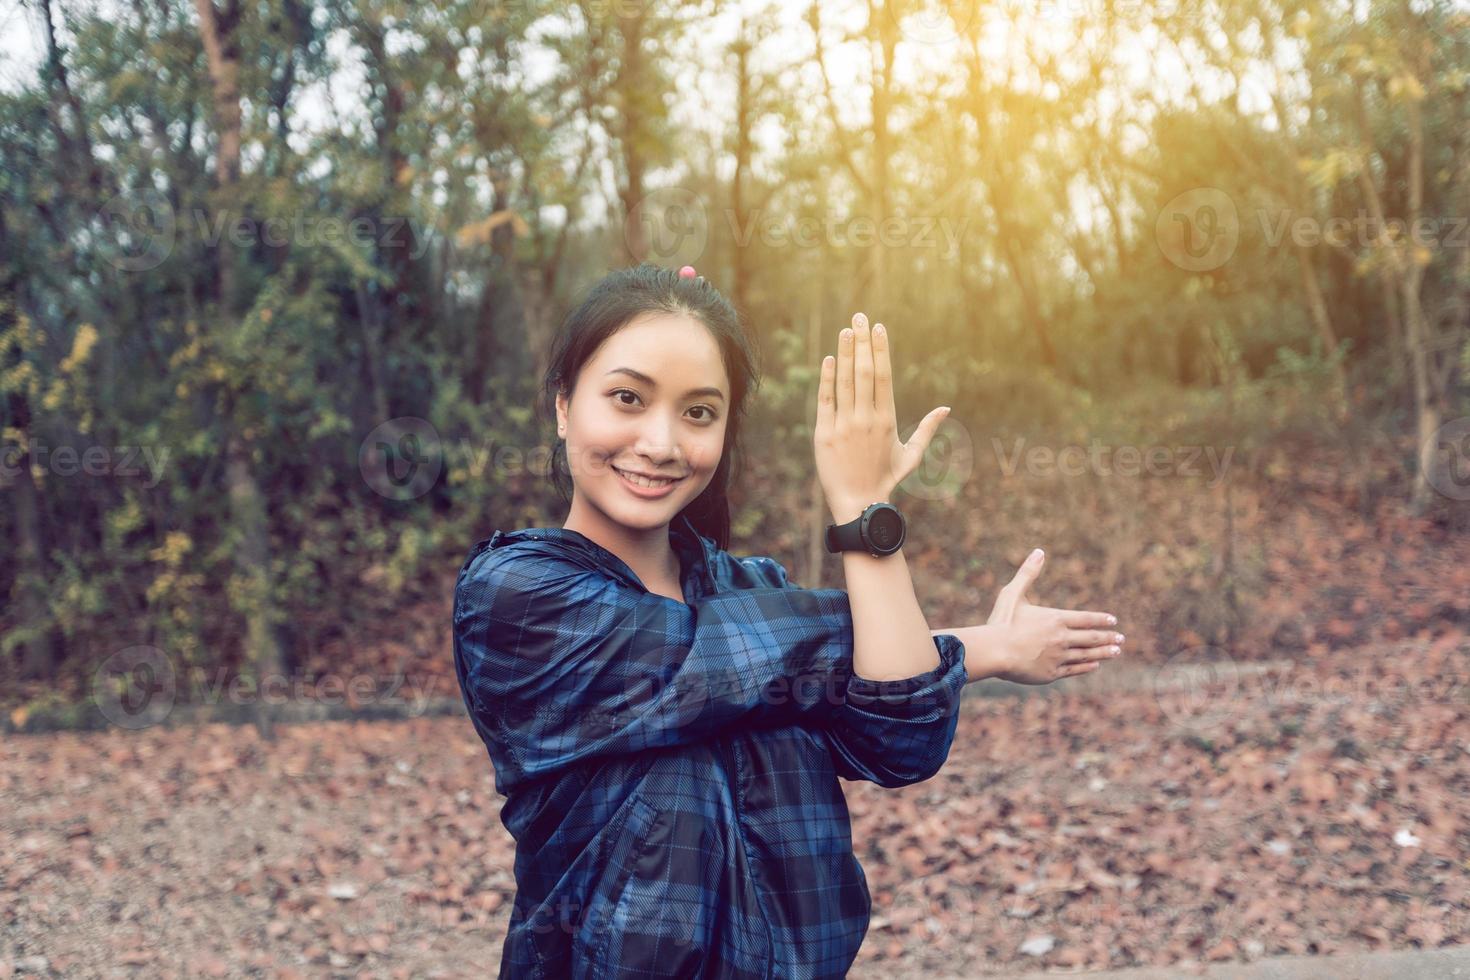 mulher atlética Ásia aquecendo e jovem atleta feminina, exercitando e alongando-se em um parque antes do corredor ao ar livre, conceito de estilo de vida saudável. foto